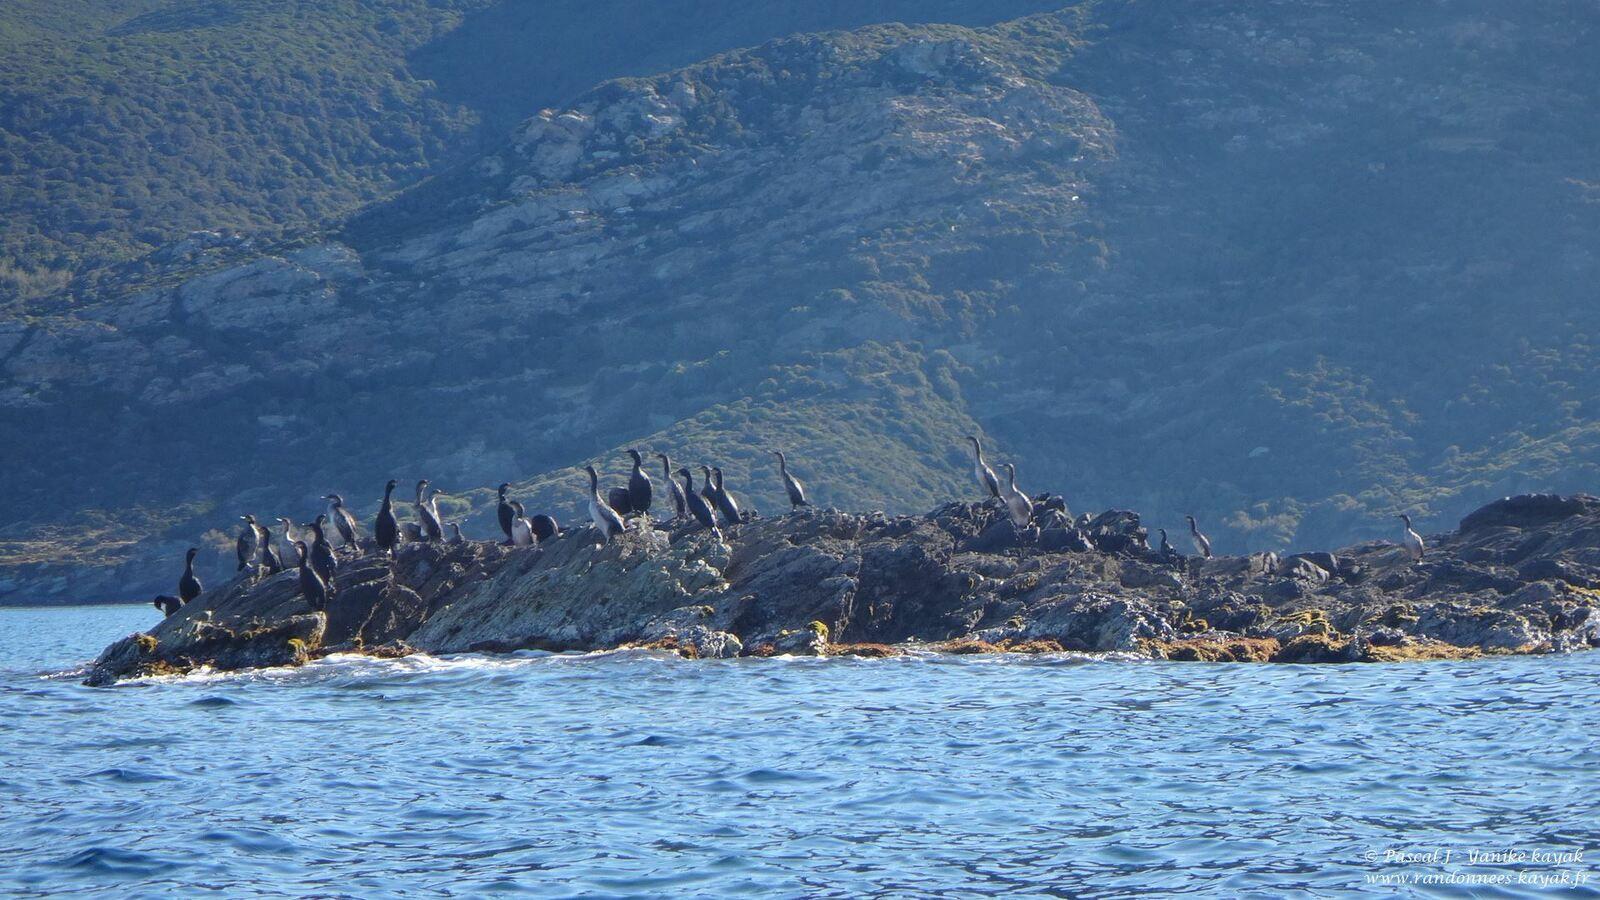 Corsica 2021, la beauté, essentielle, de la nature - Chapitre 5 : le Cap Corse, de Centuri à Santa Severa